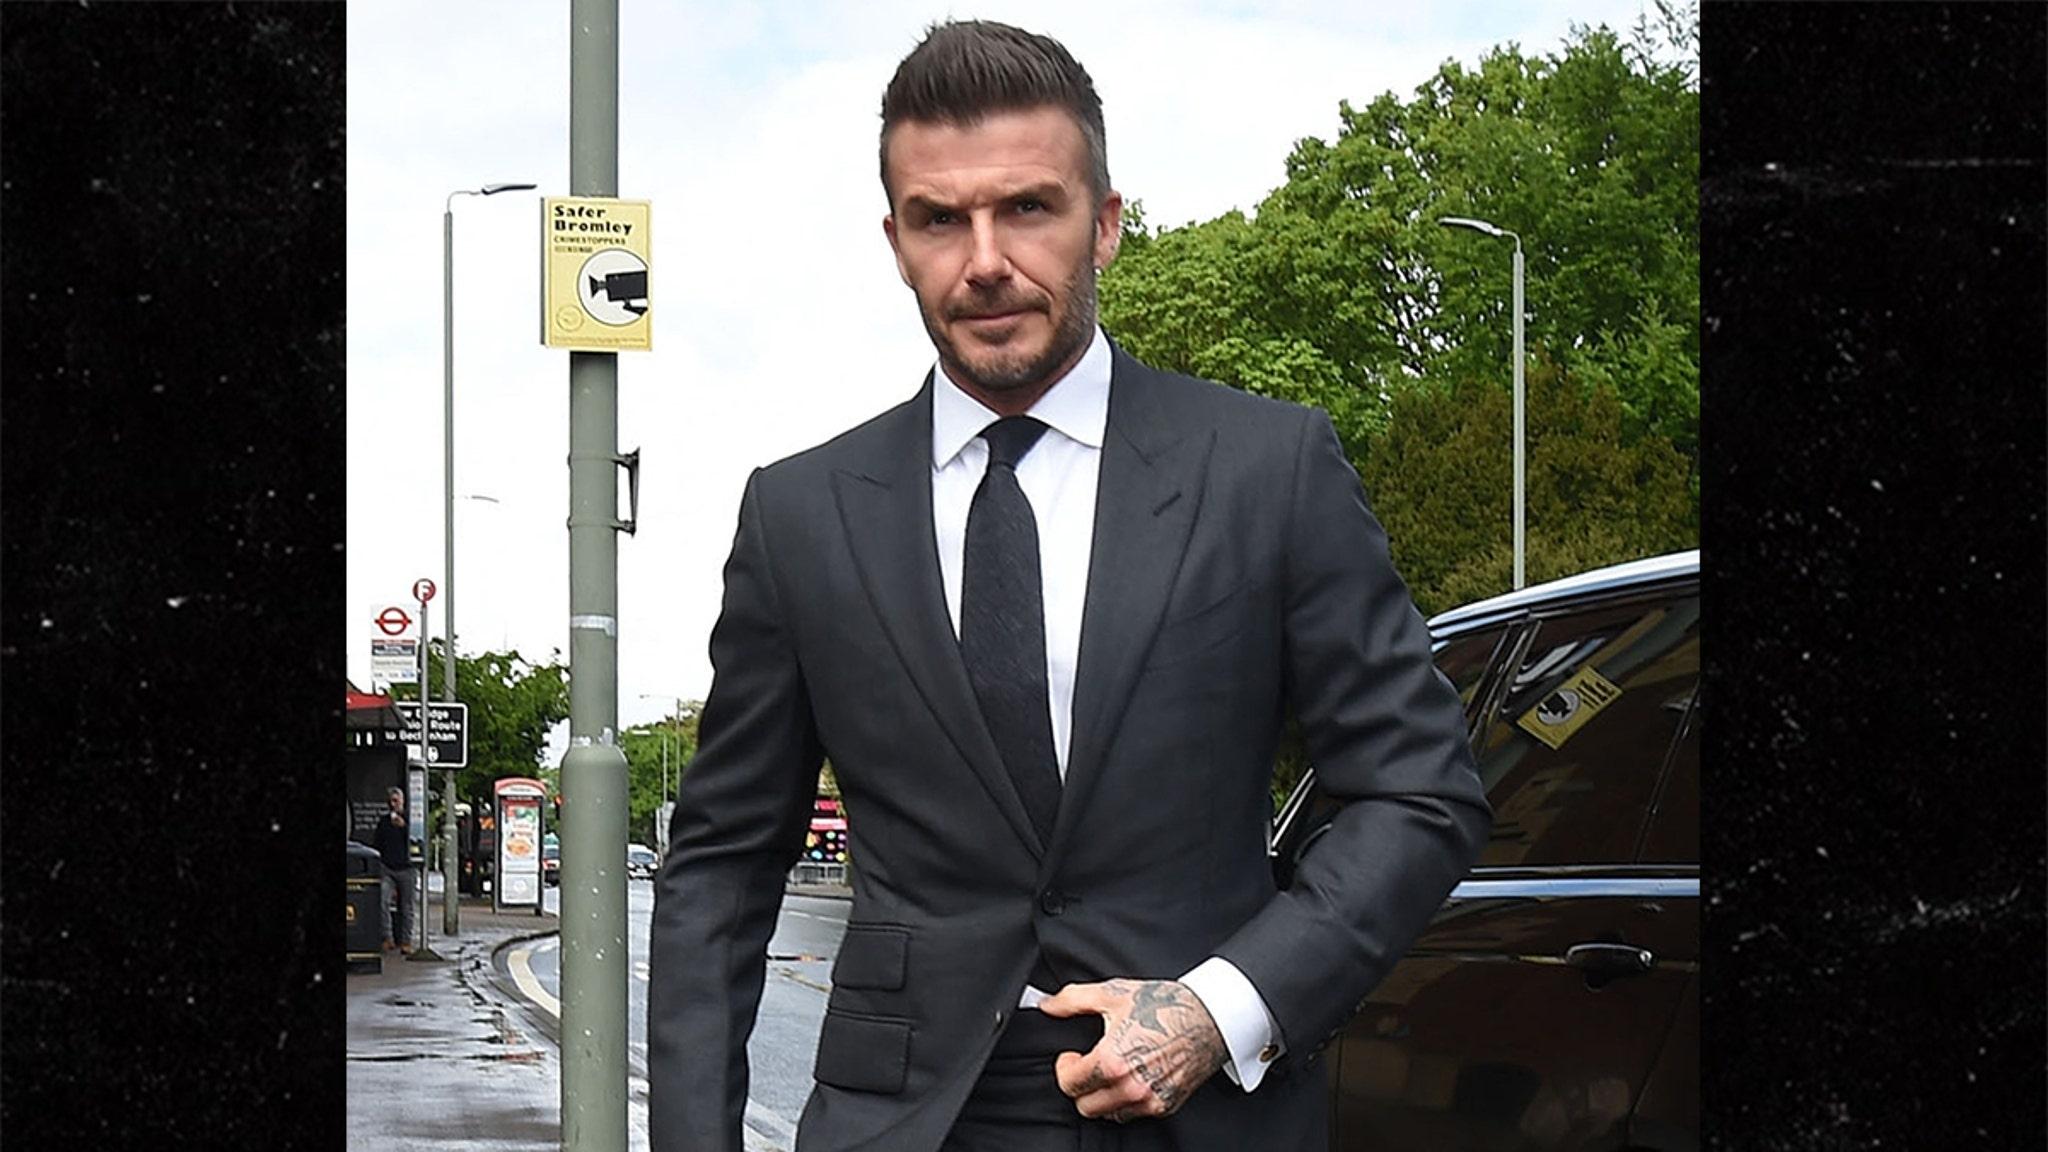 David Beckham Punished In Handsomest Court Appearance Ever